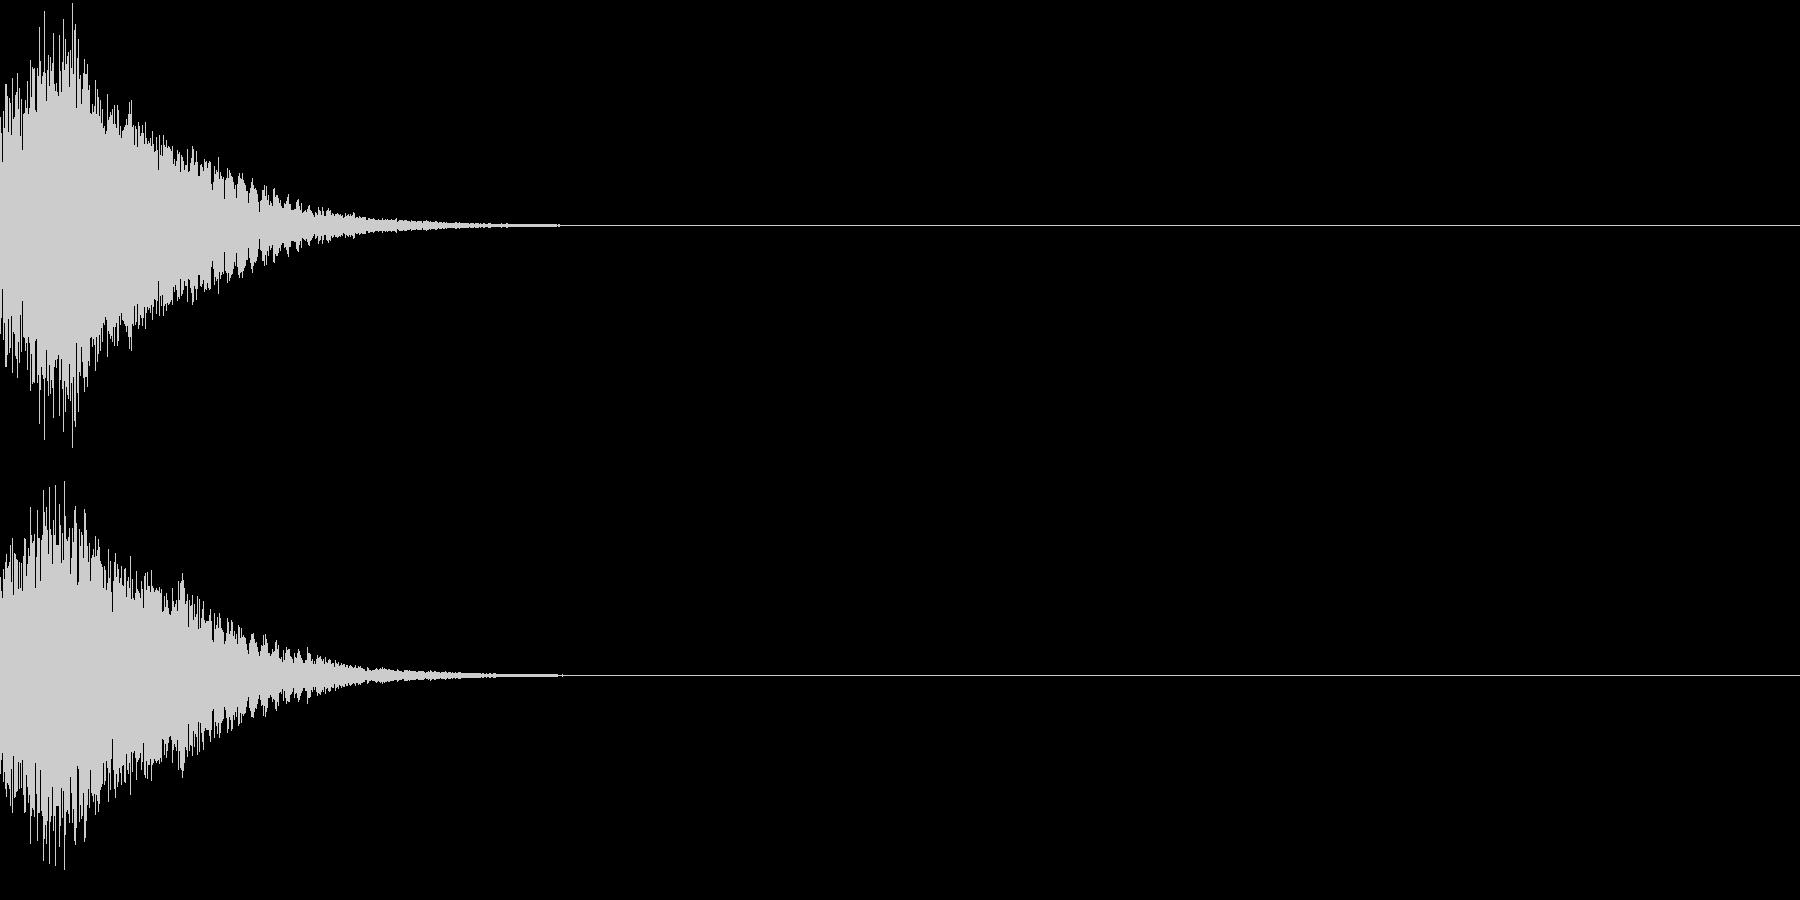 刀 剣 カキーン シャキーン 目立つ24の未再生の波形